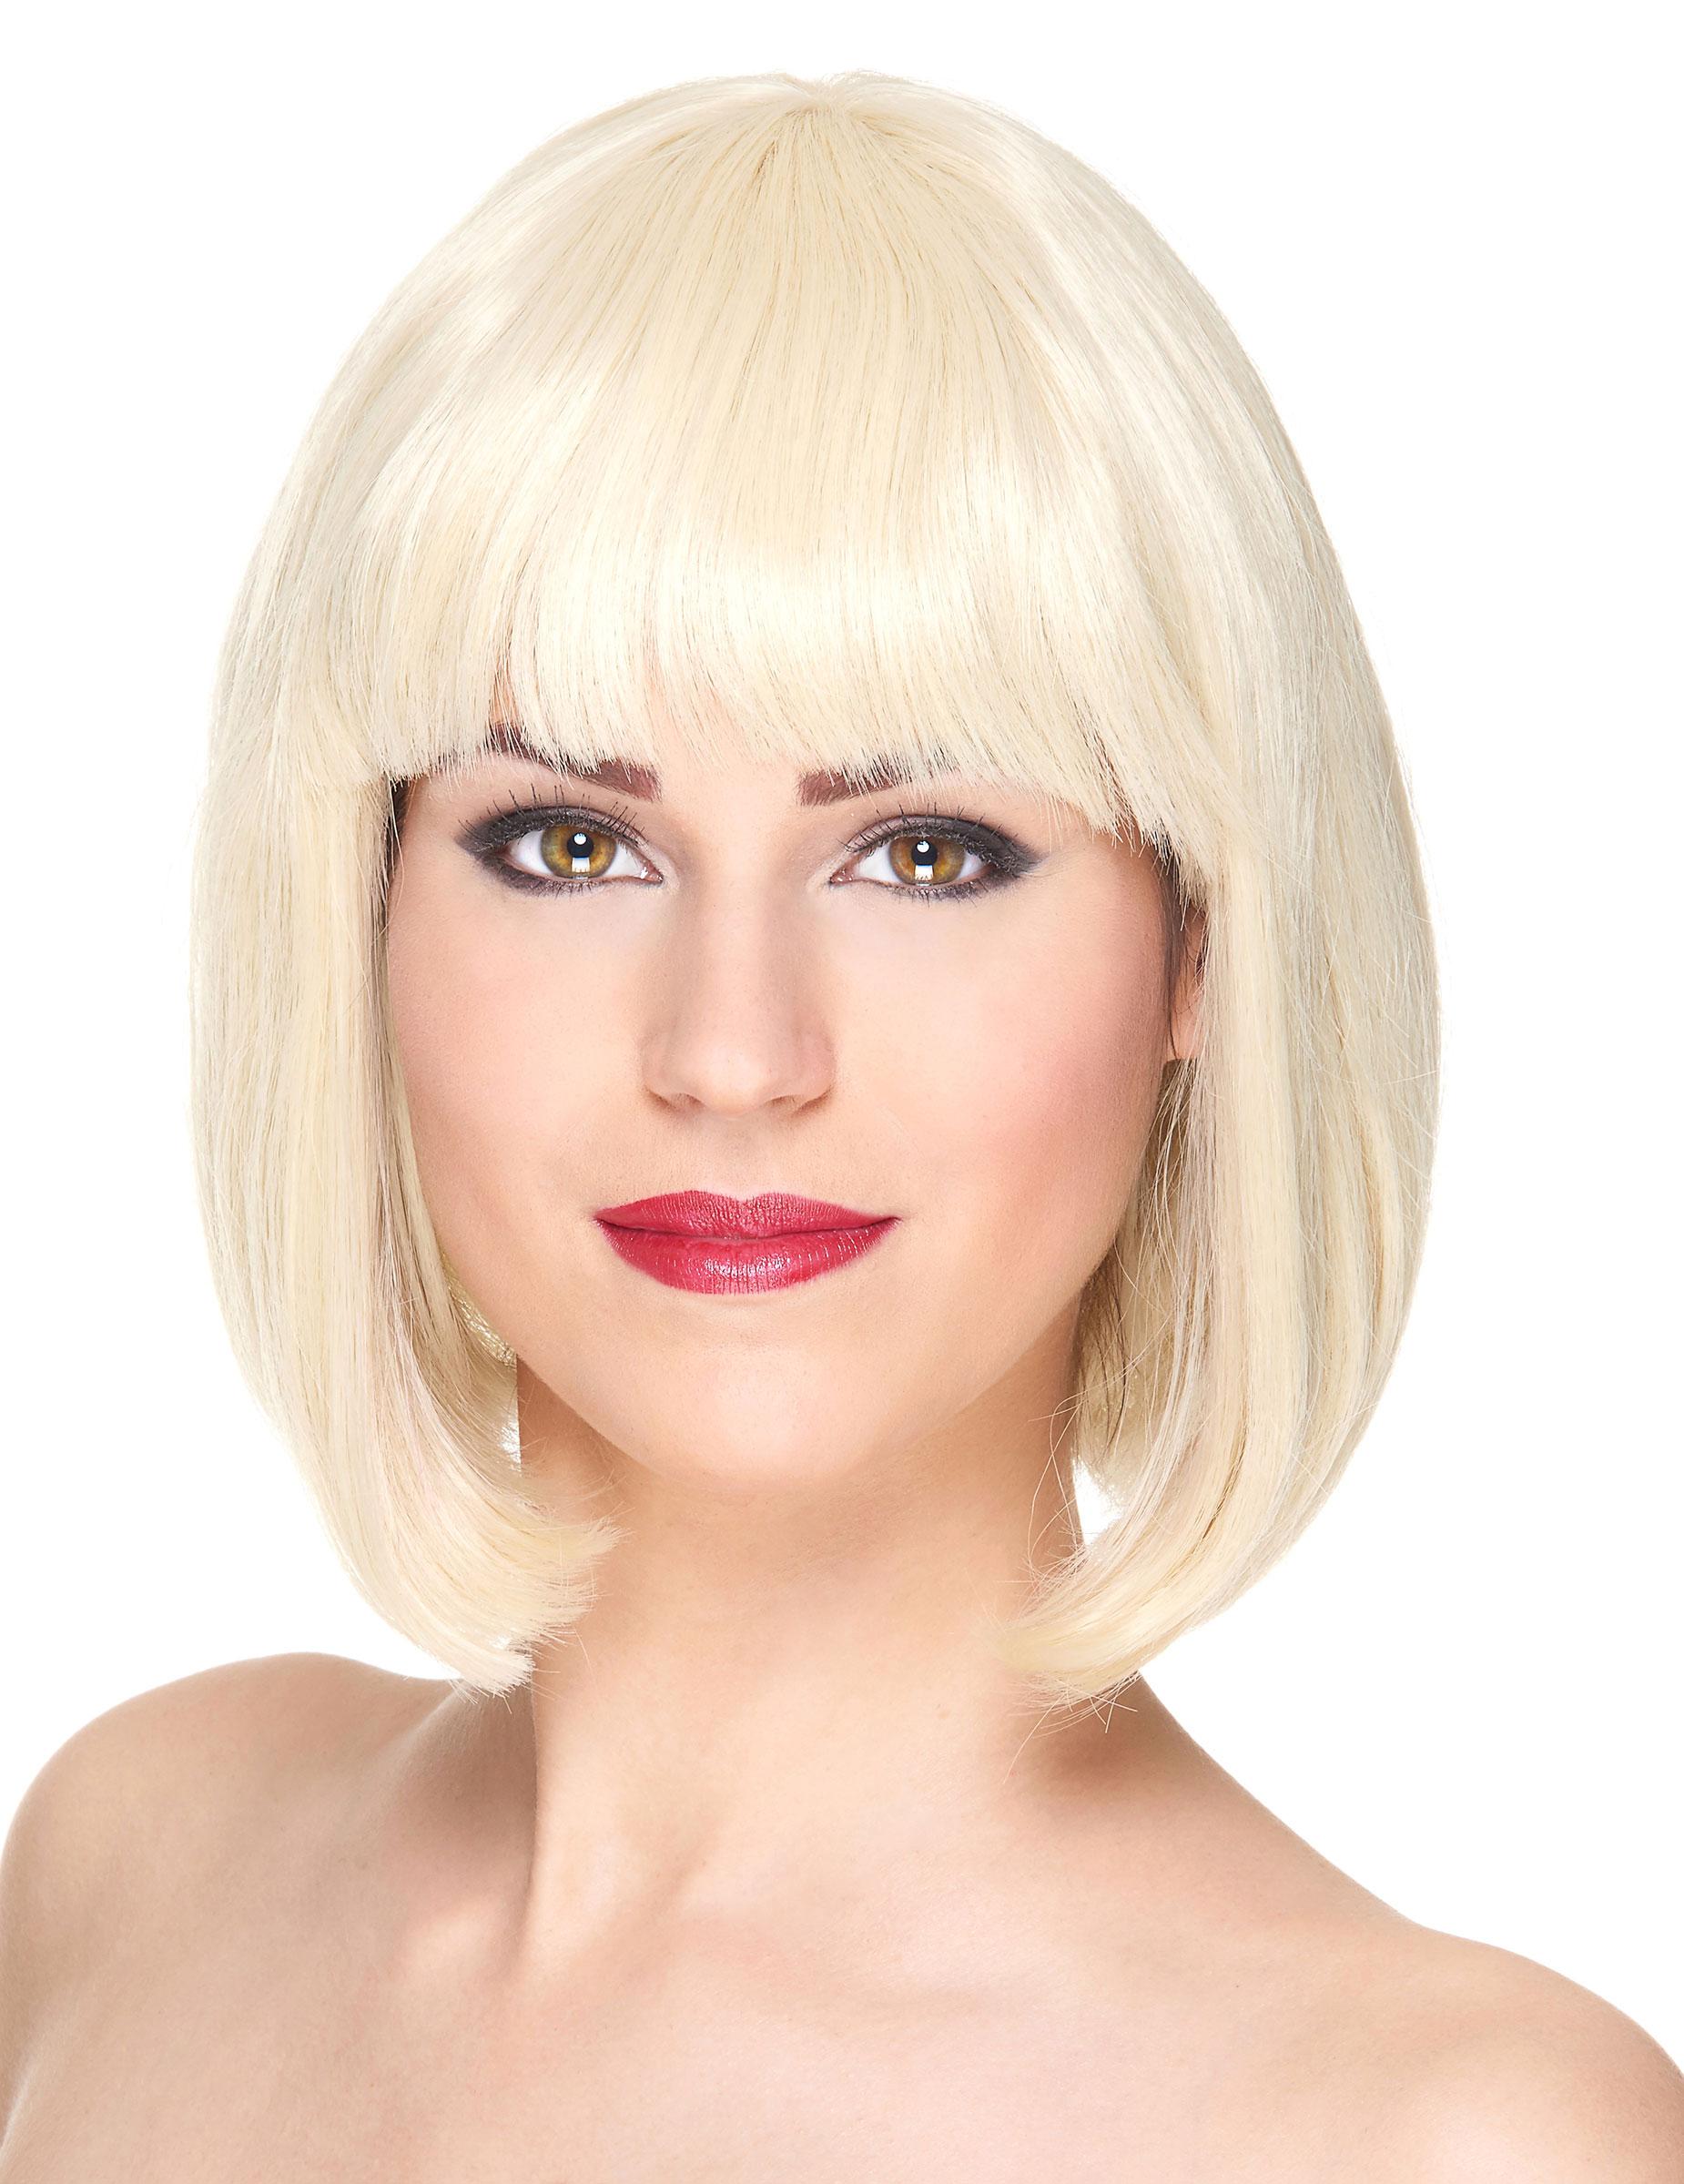 Perruque Luxe Blonde Carré Court Avec Frange Femme Achat De